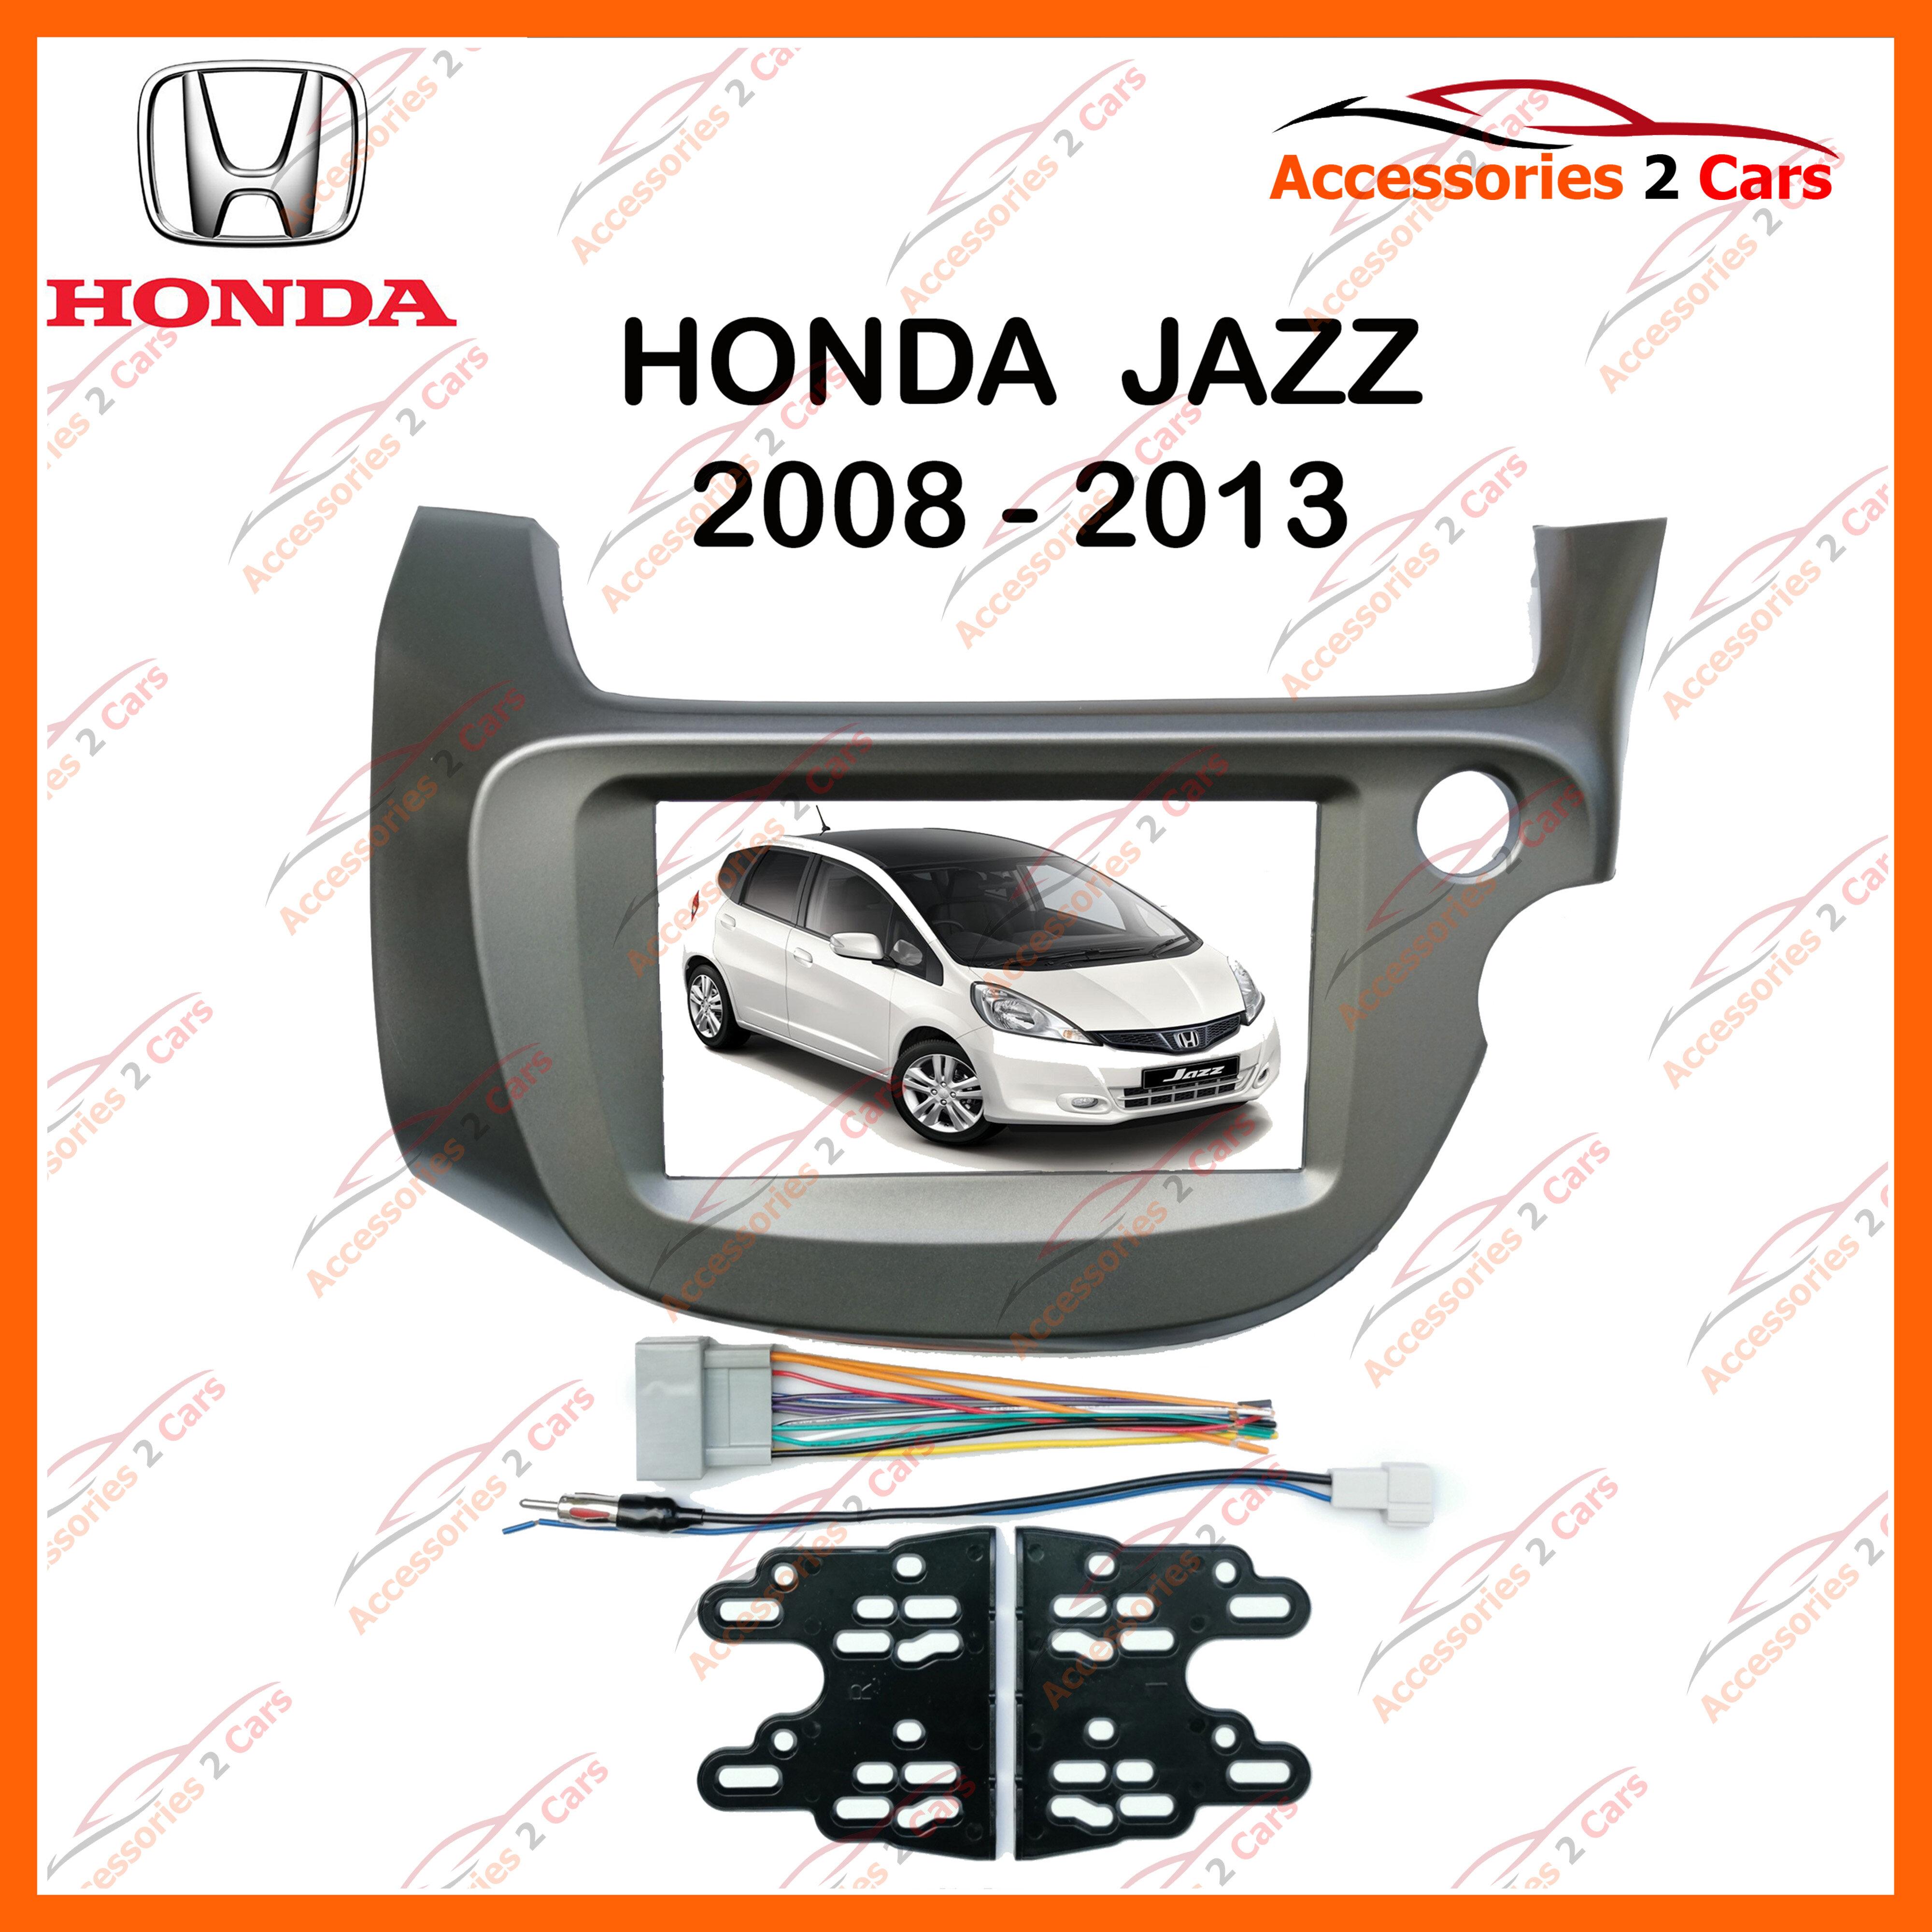 รีวิว หน้ากากวิทยุรถยนต์ HONDA JAZZ RHD สำหรับจอ 7 นิ้ว(NV-HO-014)